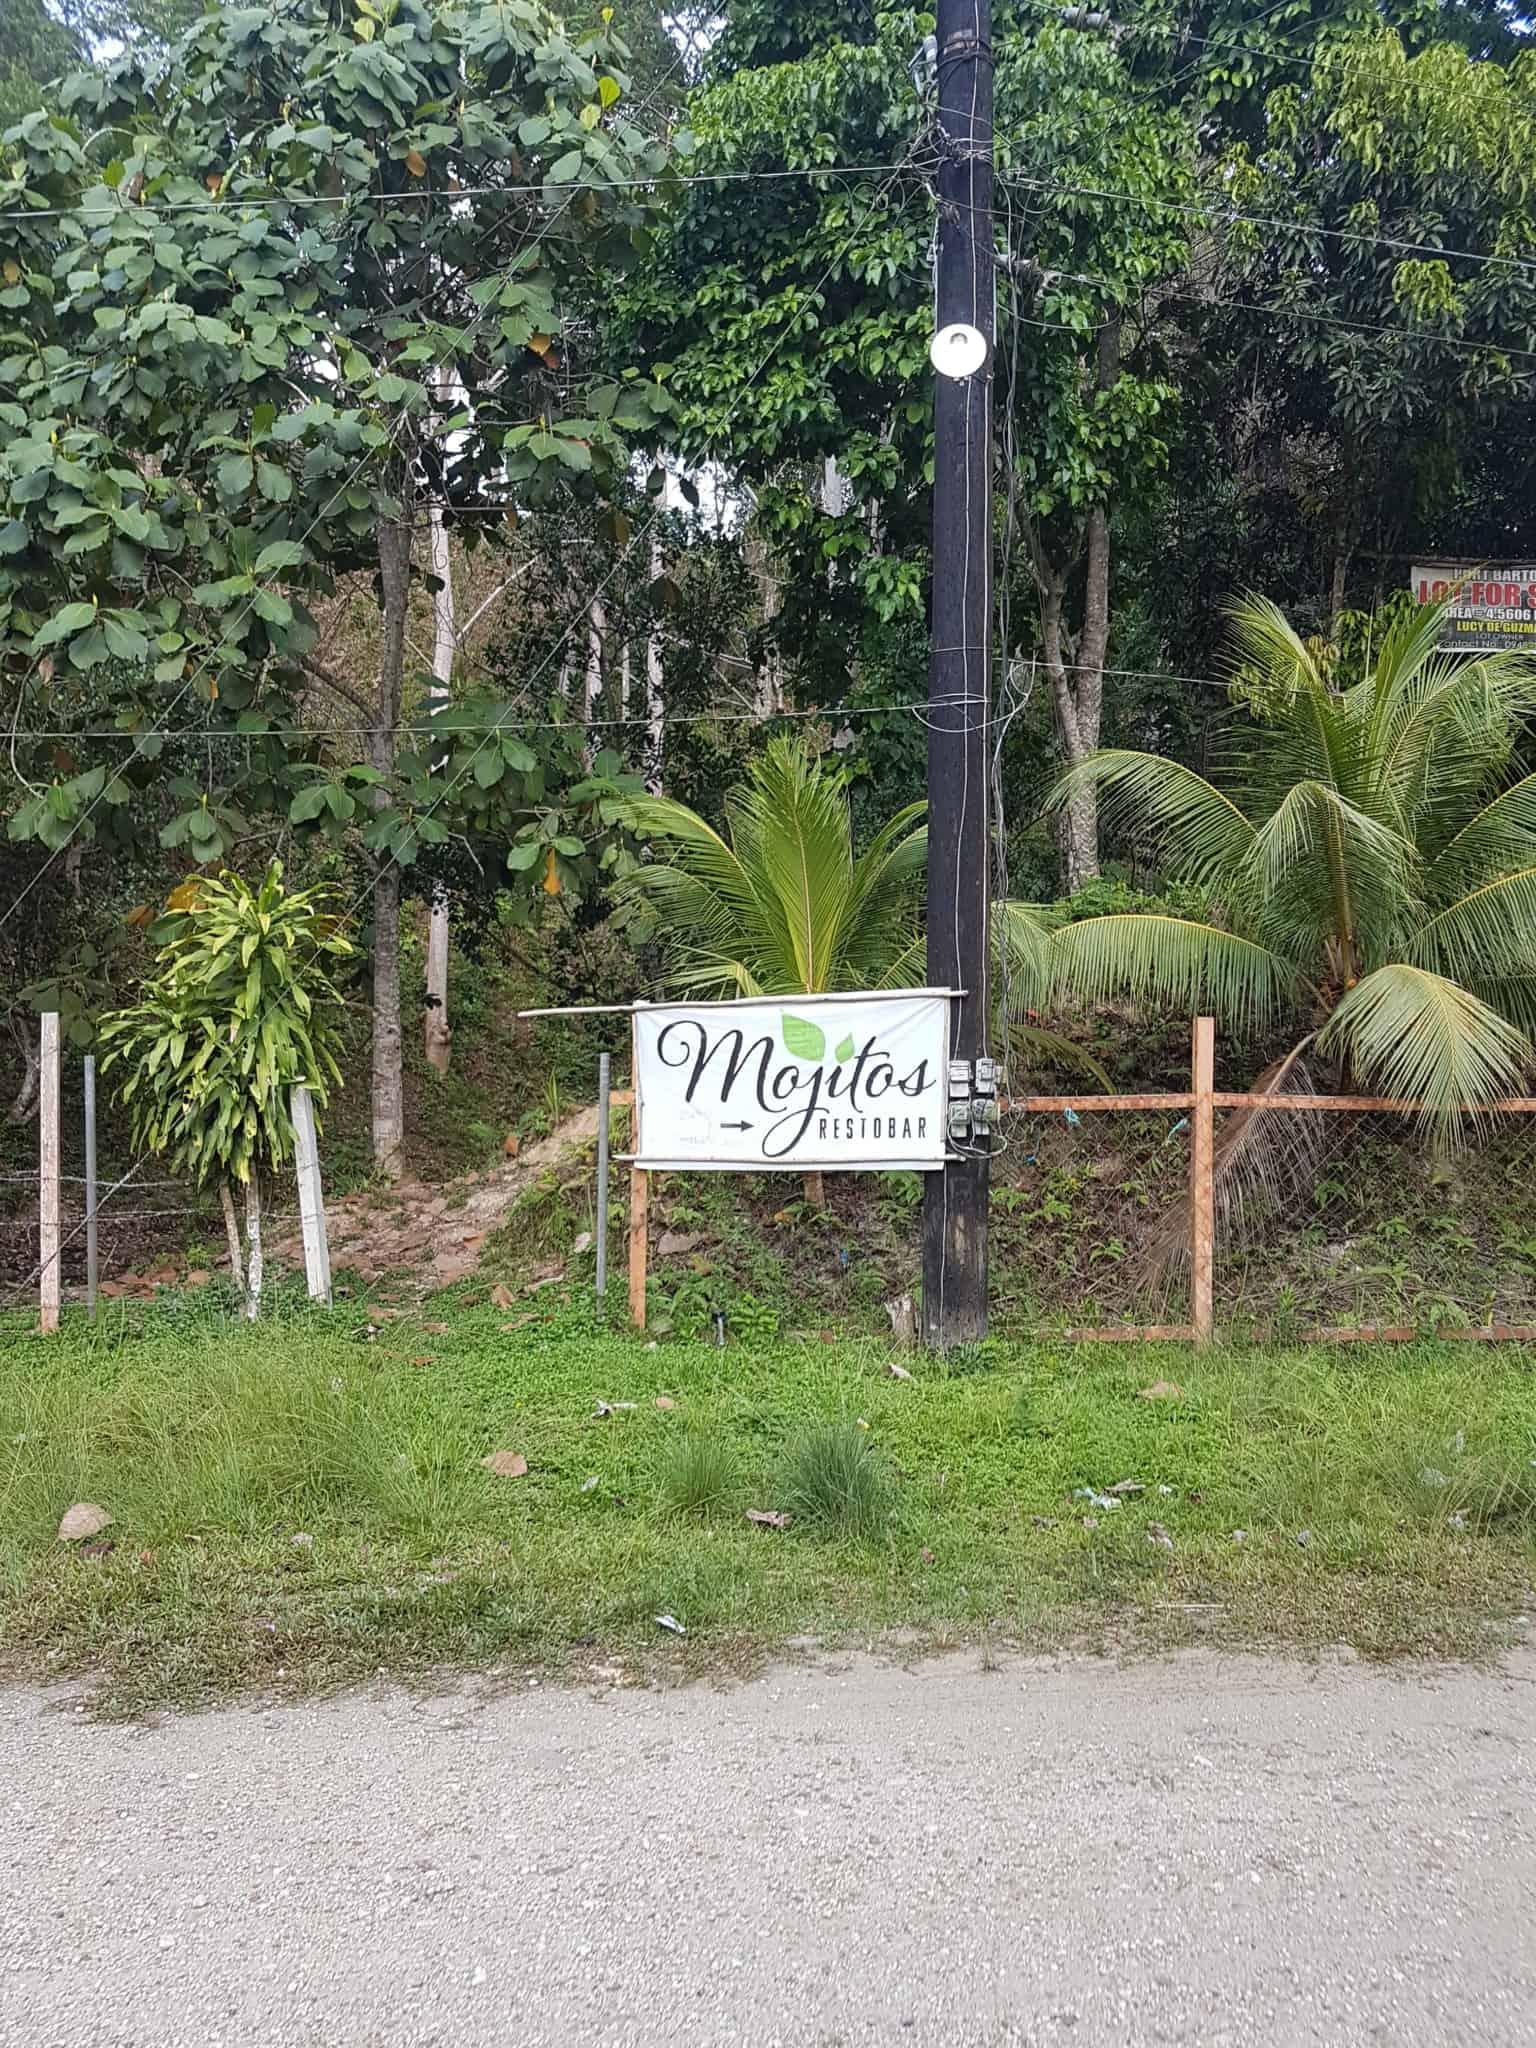 Philippines, comment je me suis retrouvée seule sur une île déserte 🧜♀️ 29